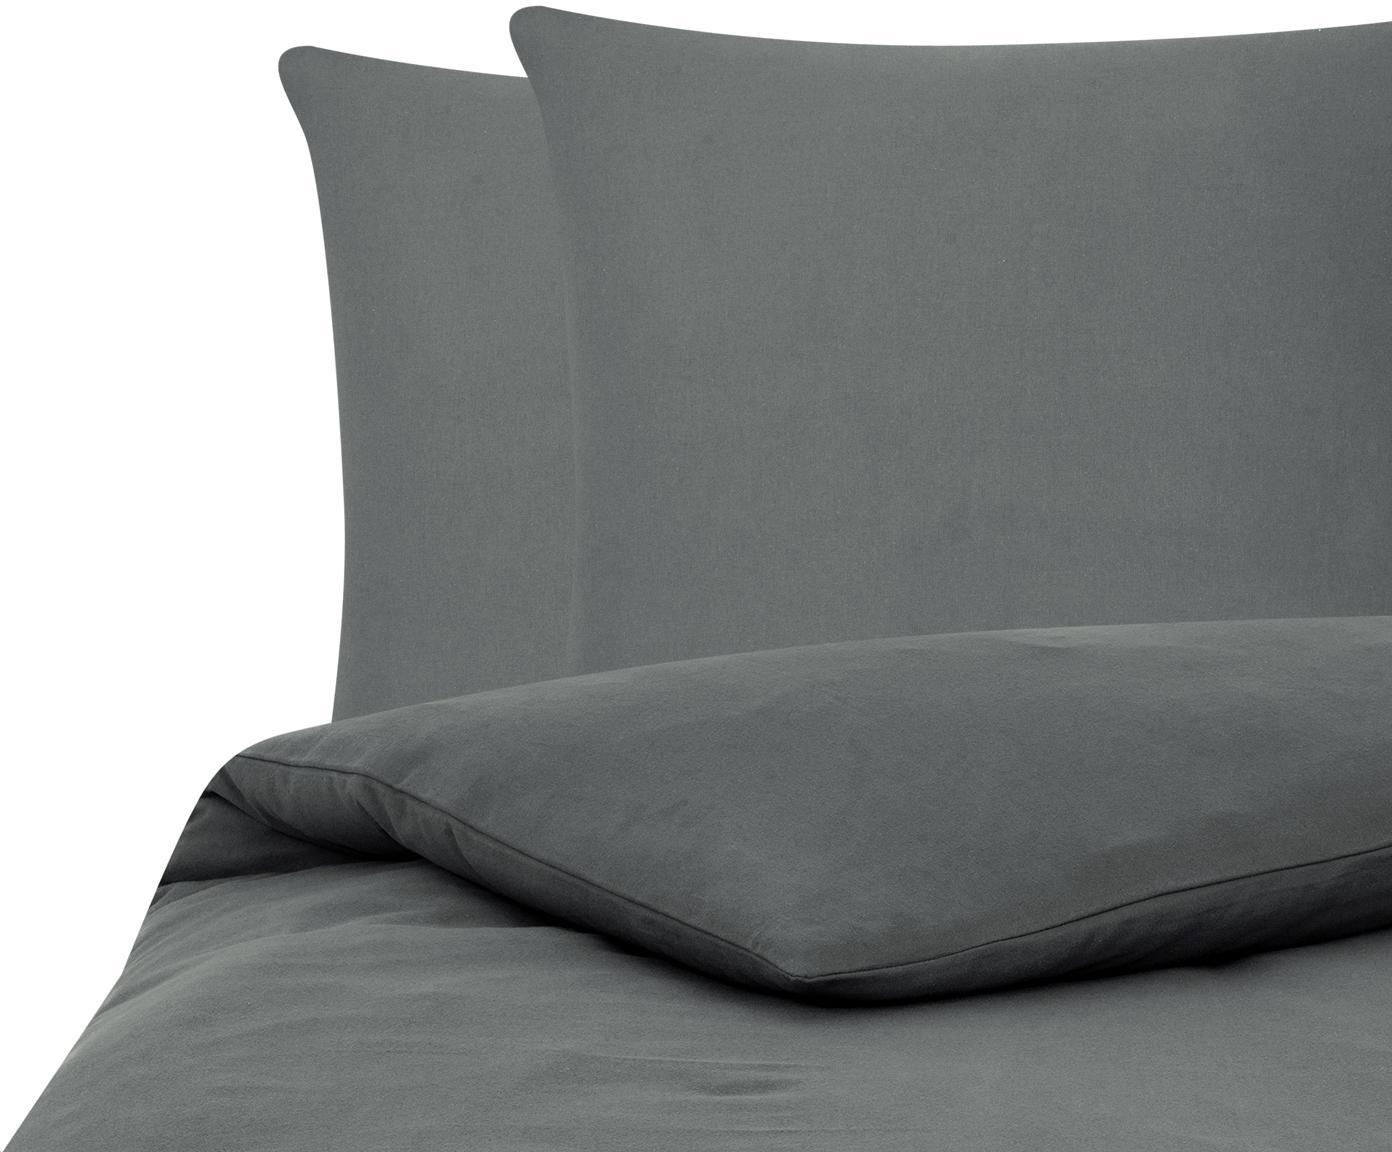 Flanell-Bettwäsche Biba in Dunkelgrau, Webart: Flanell Flanell ist ein s, Dunkelgrau, 240 x 220 cm + 2 Kissen 80 x 80 cm